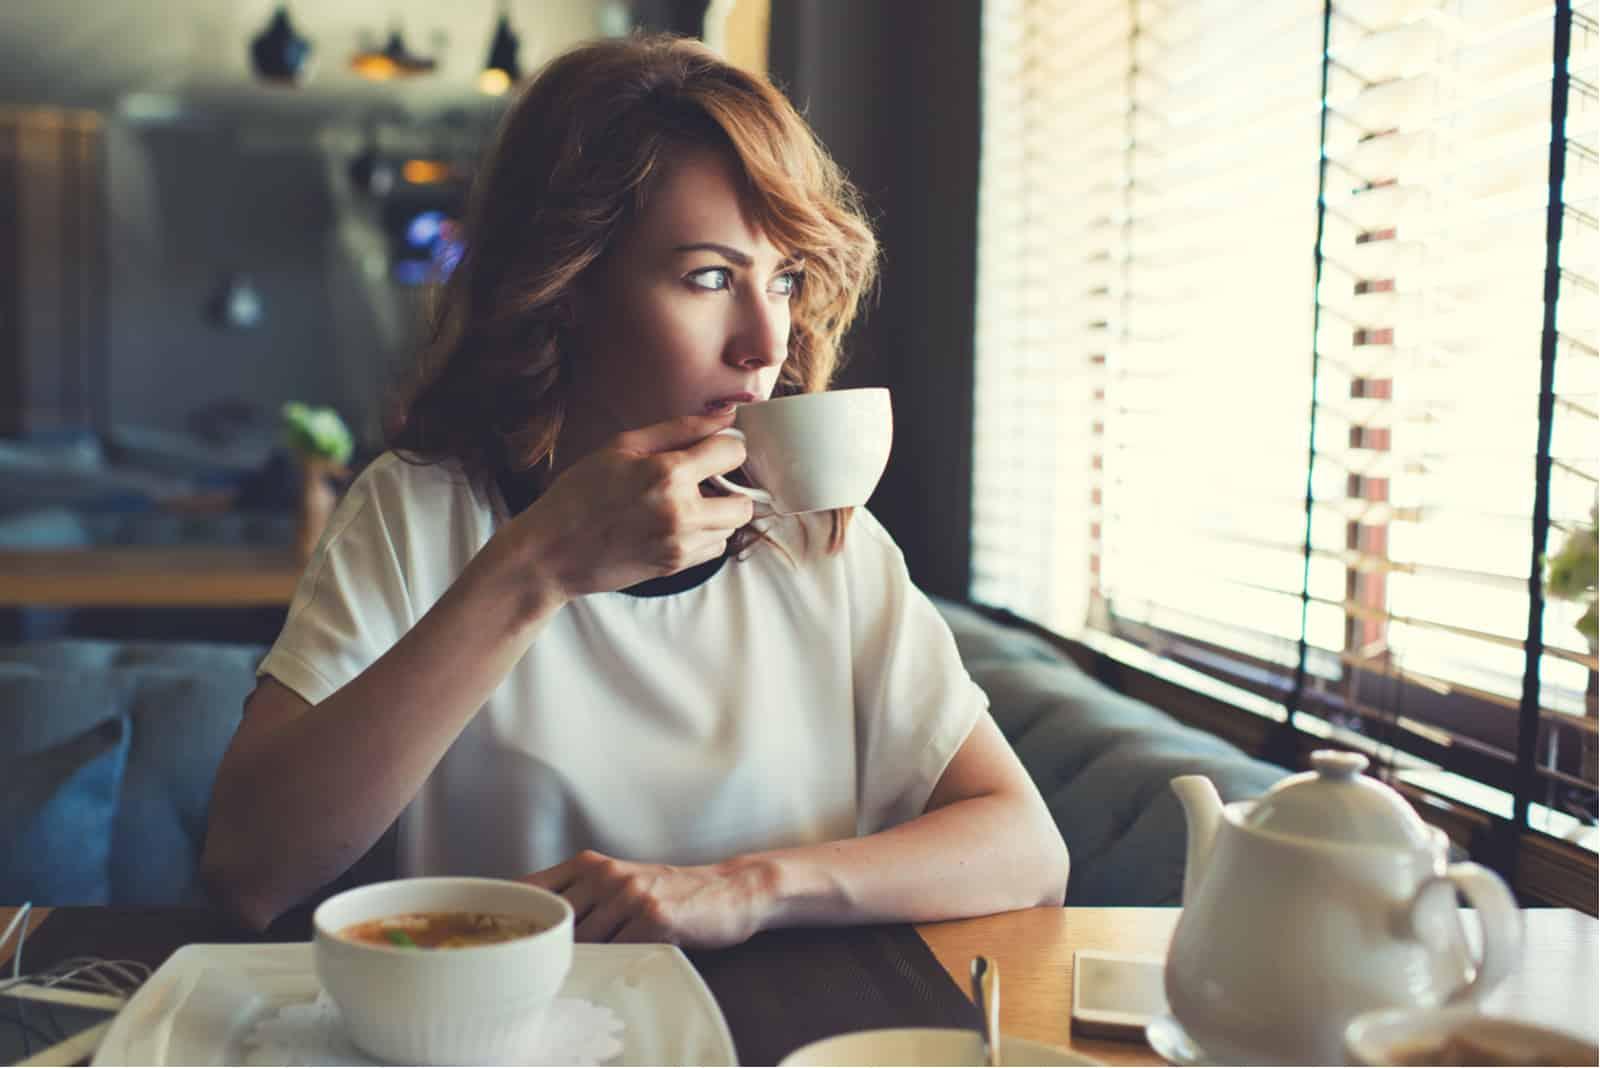 femme assise seule dans un café buvant du café